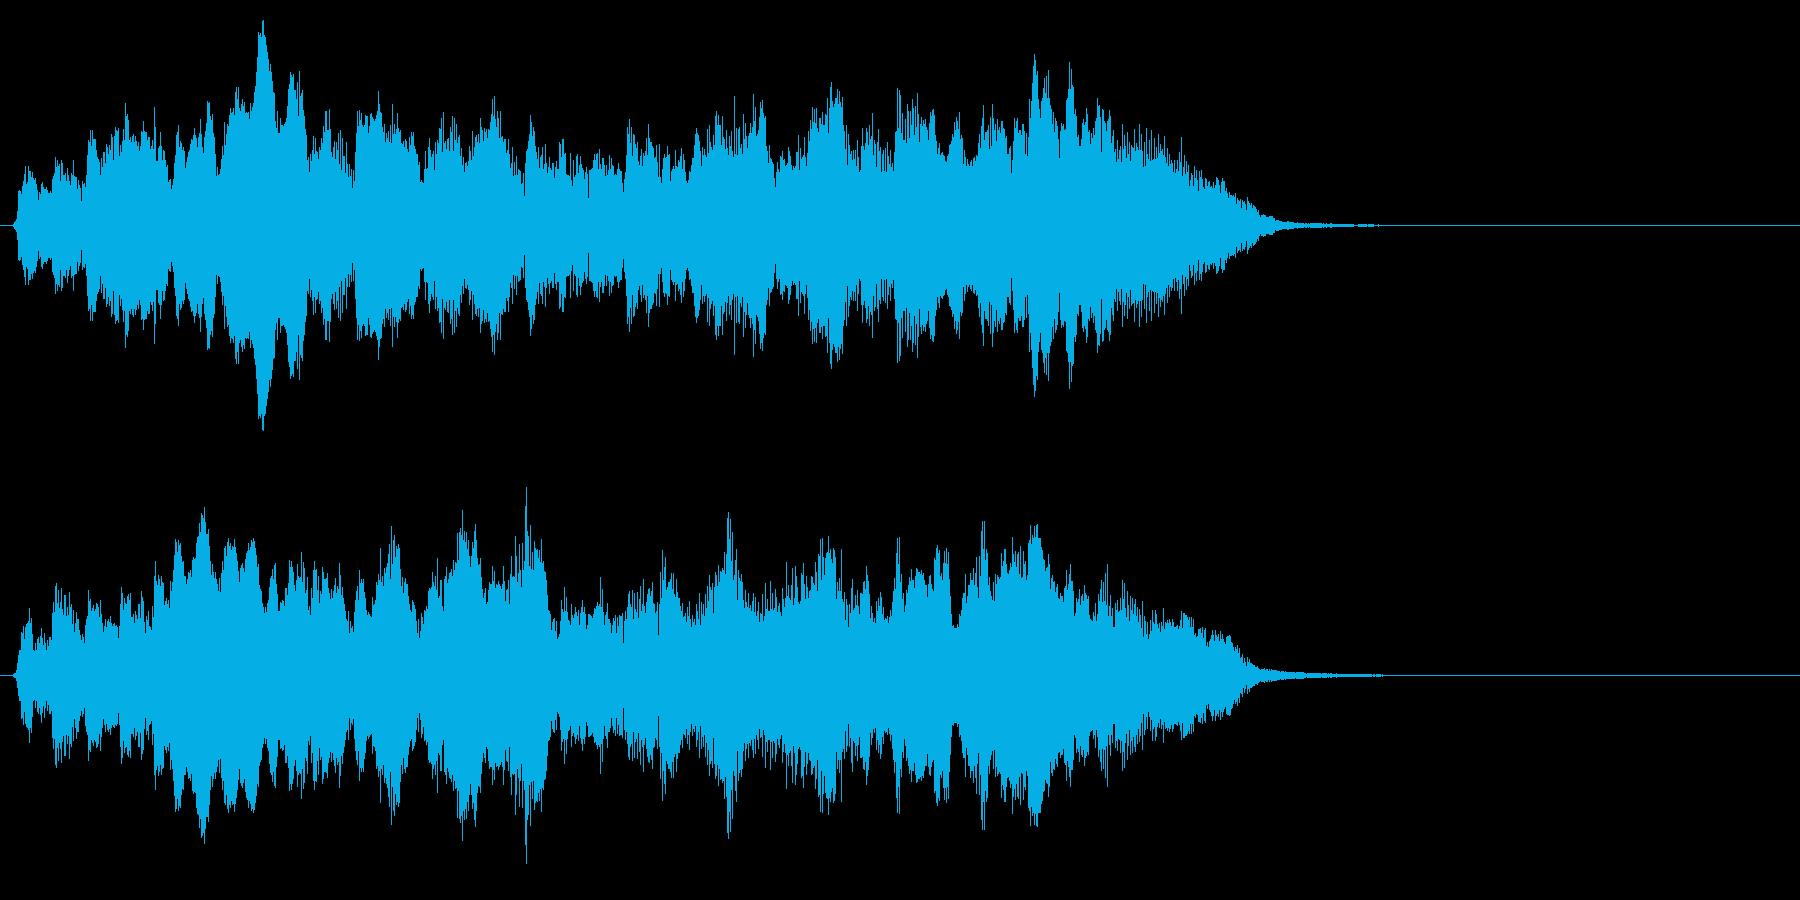 ハリウッド系さわやかなオーケストラのロゴの再生済みの波形